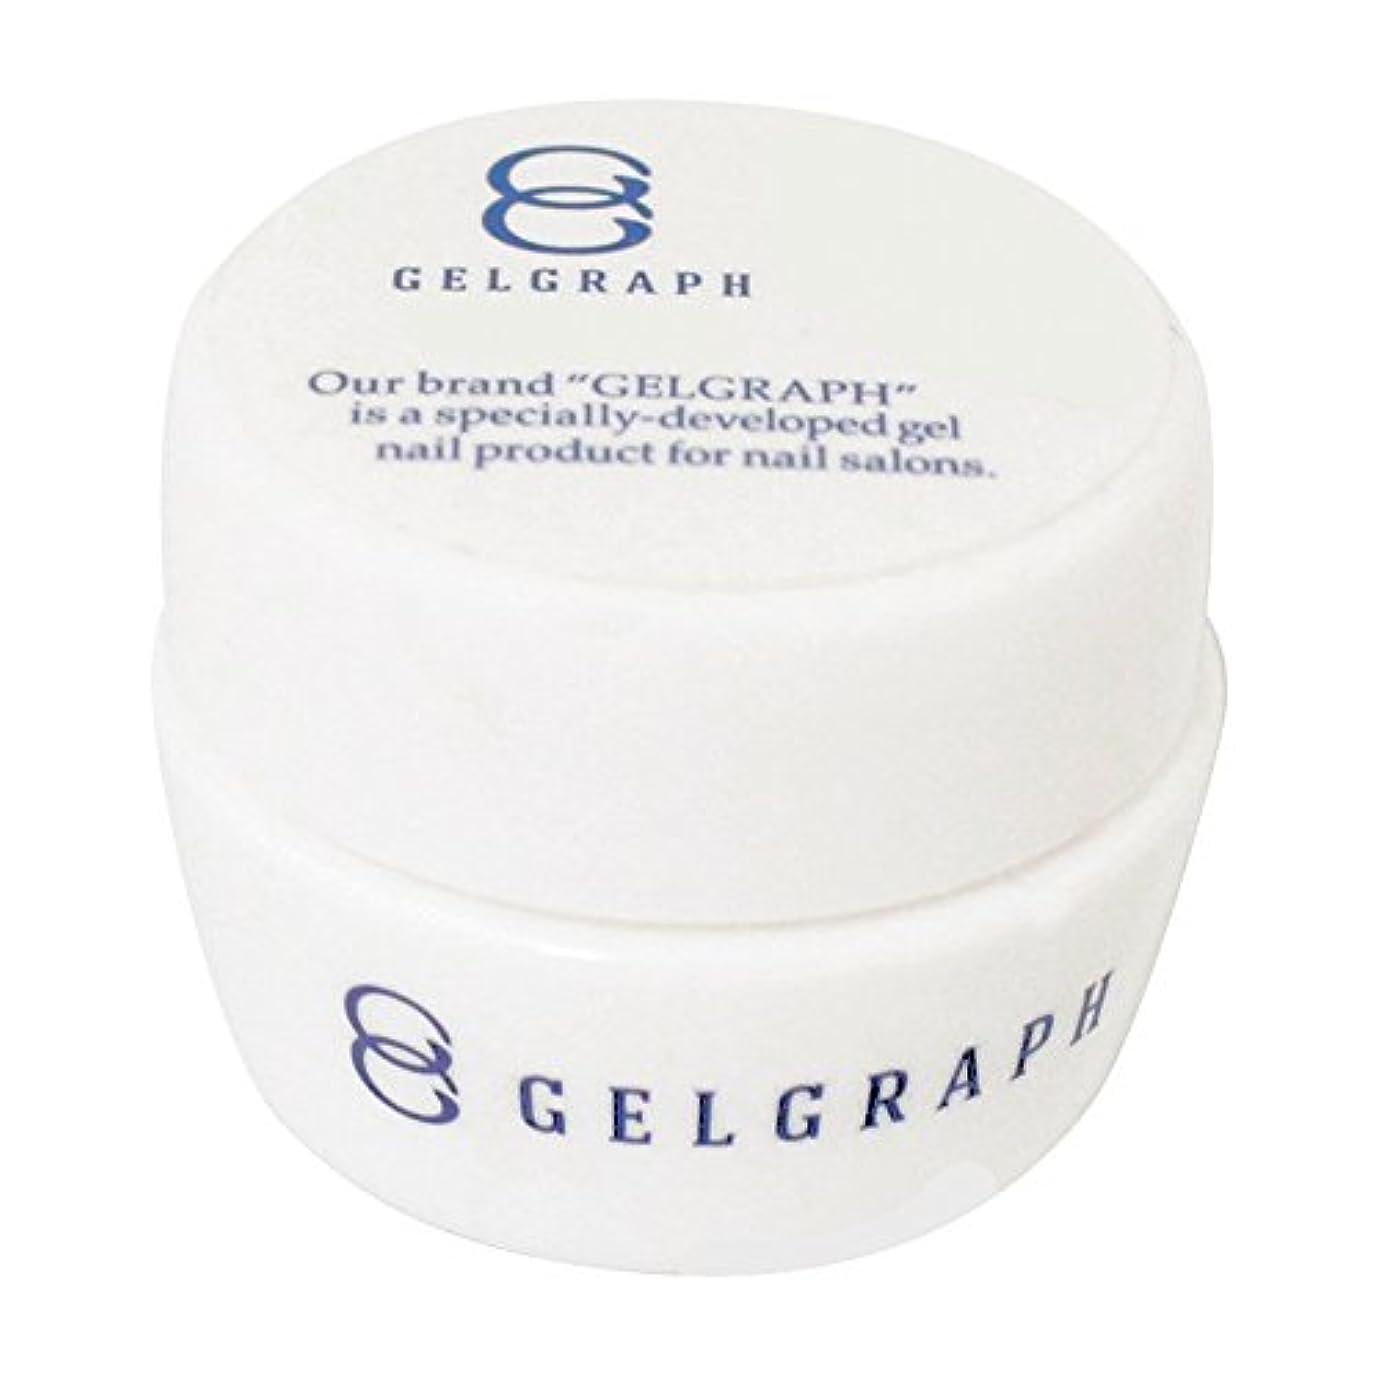 GELGRAPH カラージェル 050M ブルー?コラーダ 5g UV/LED対応 ソークオフジェル